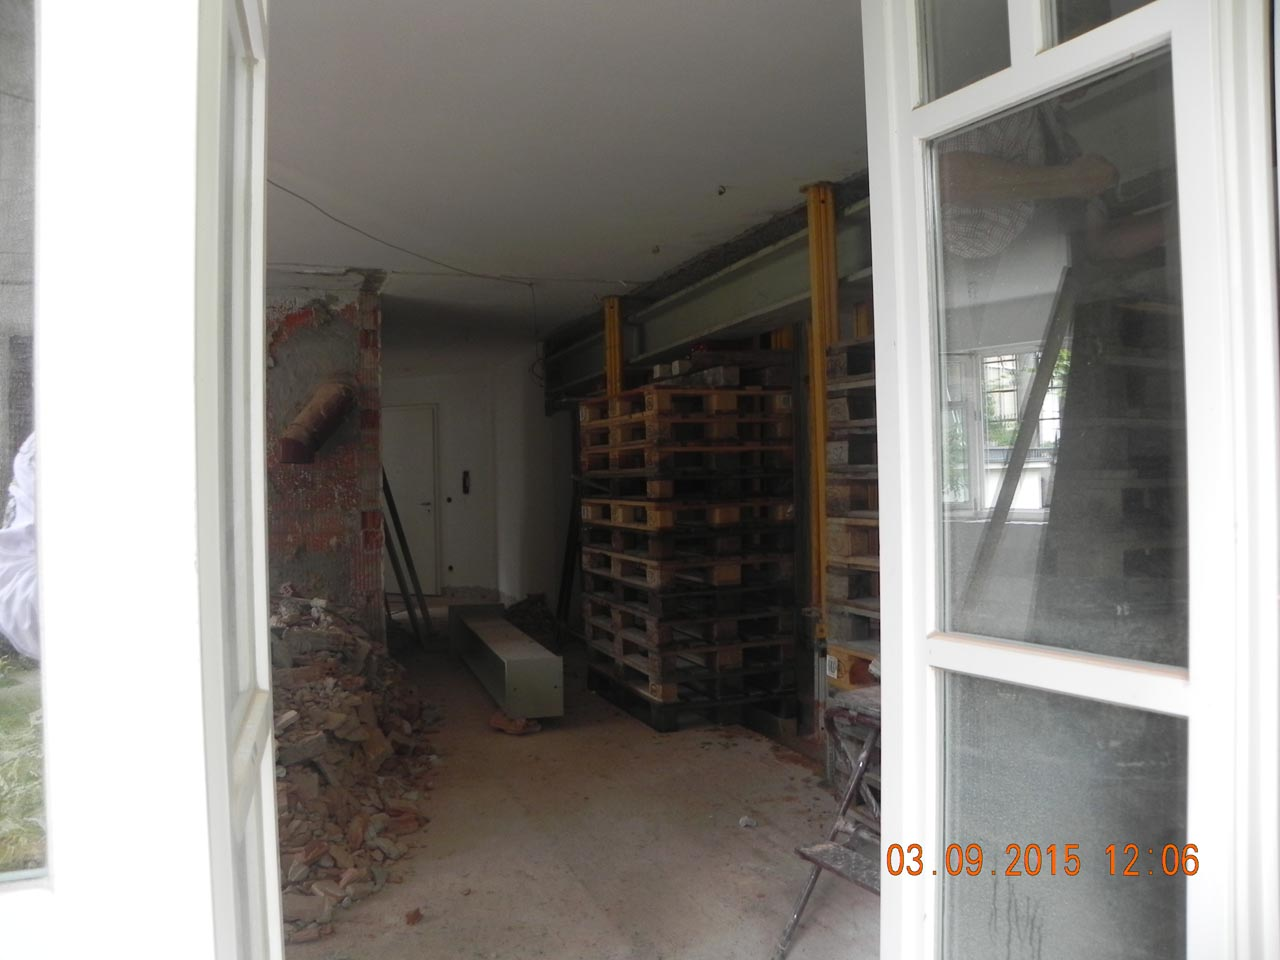 Wohnzimmer - Umbau 09